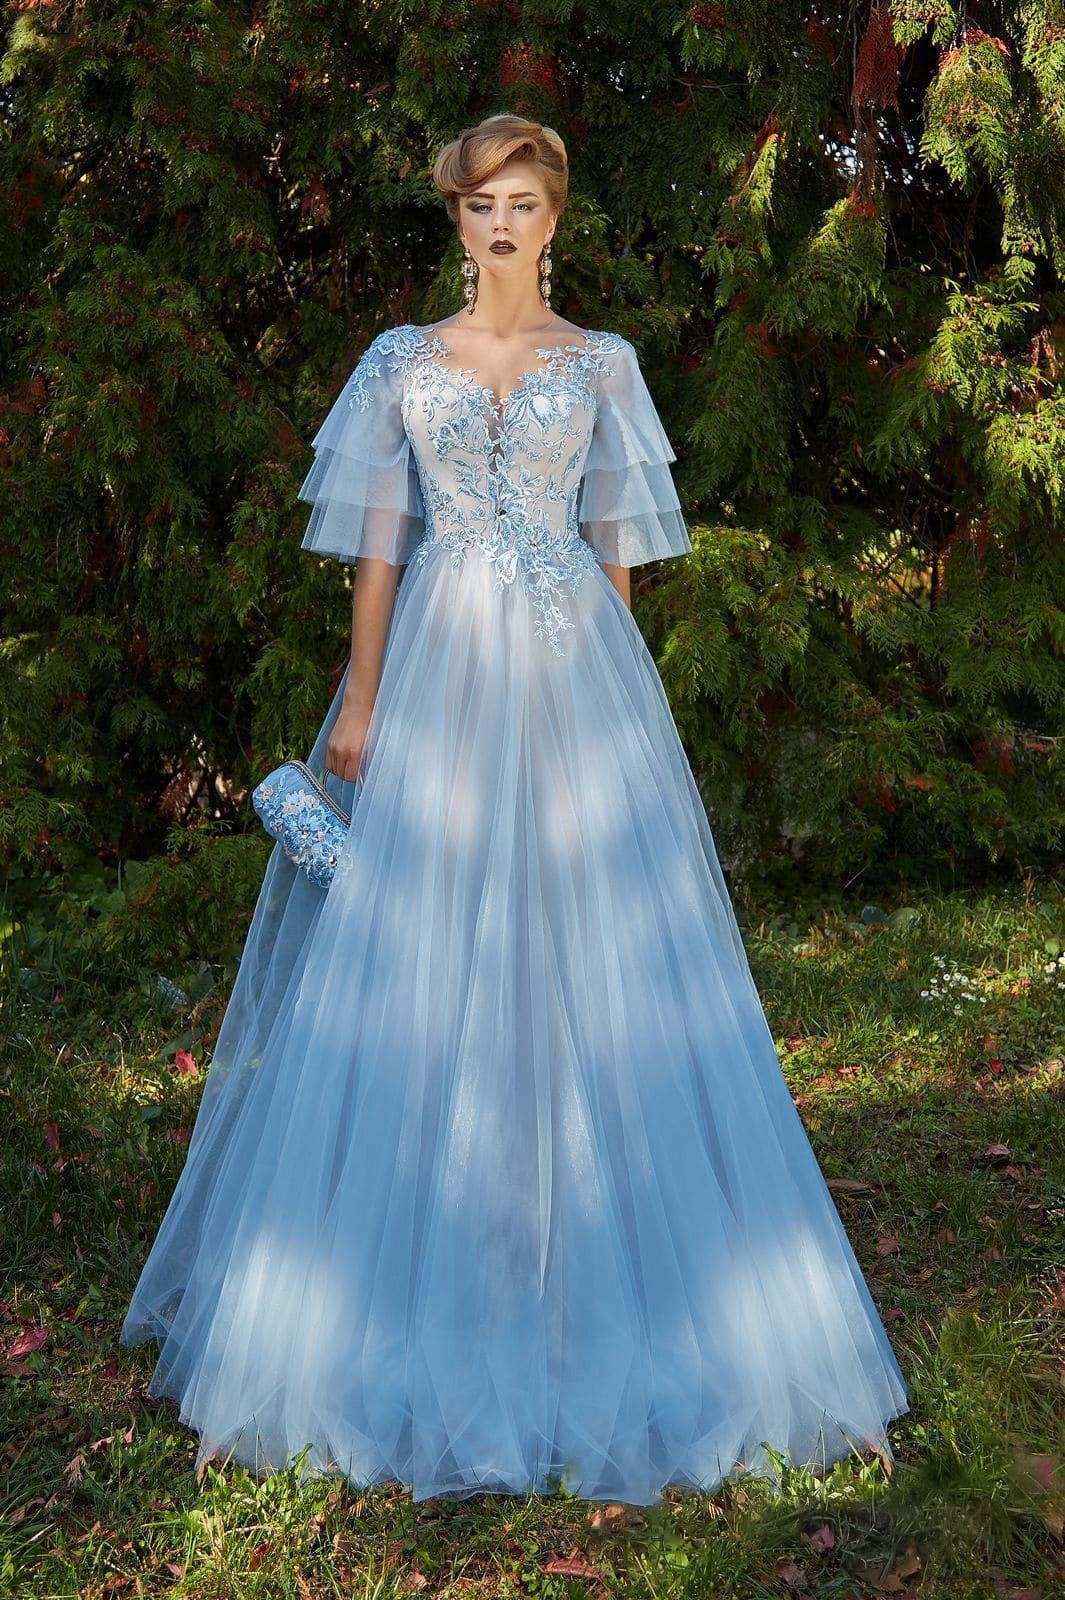 73888ed1ebf Голубое вечернее платье пышного кроя с кружевным декором и многоярусными  рукавами.